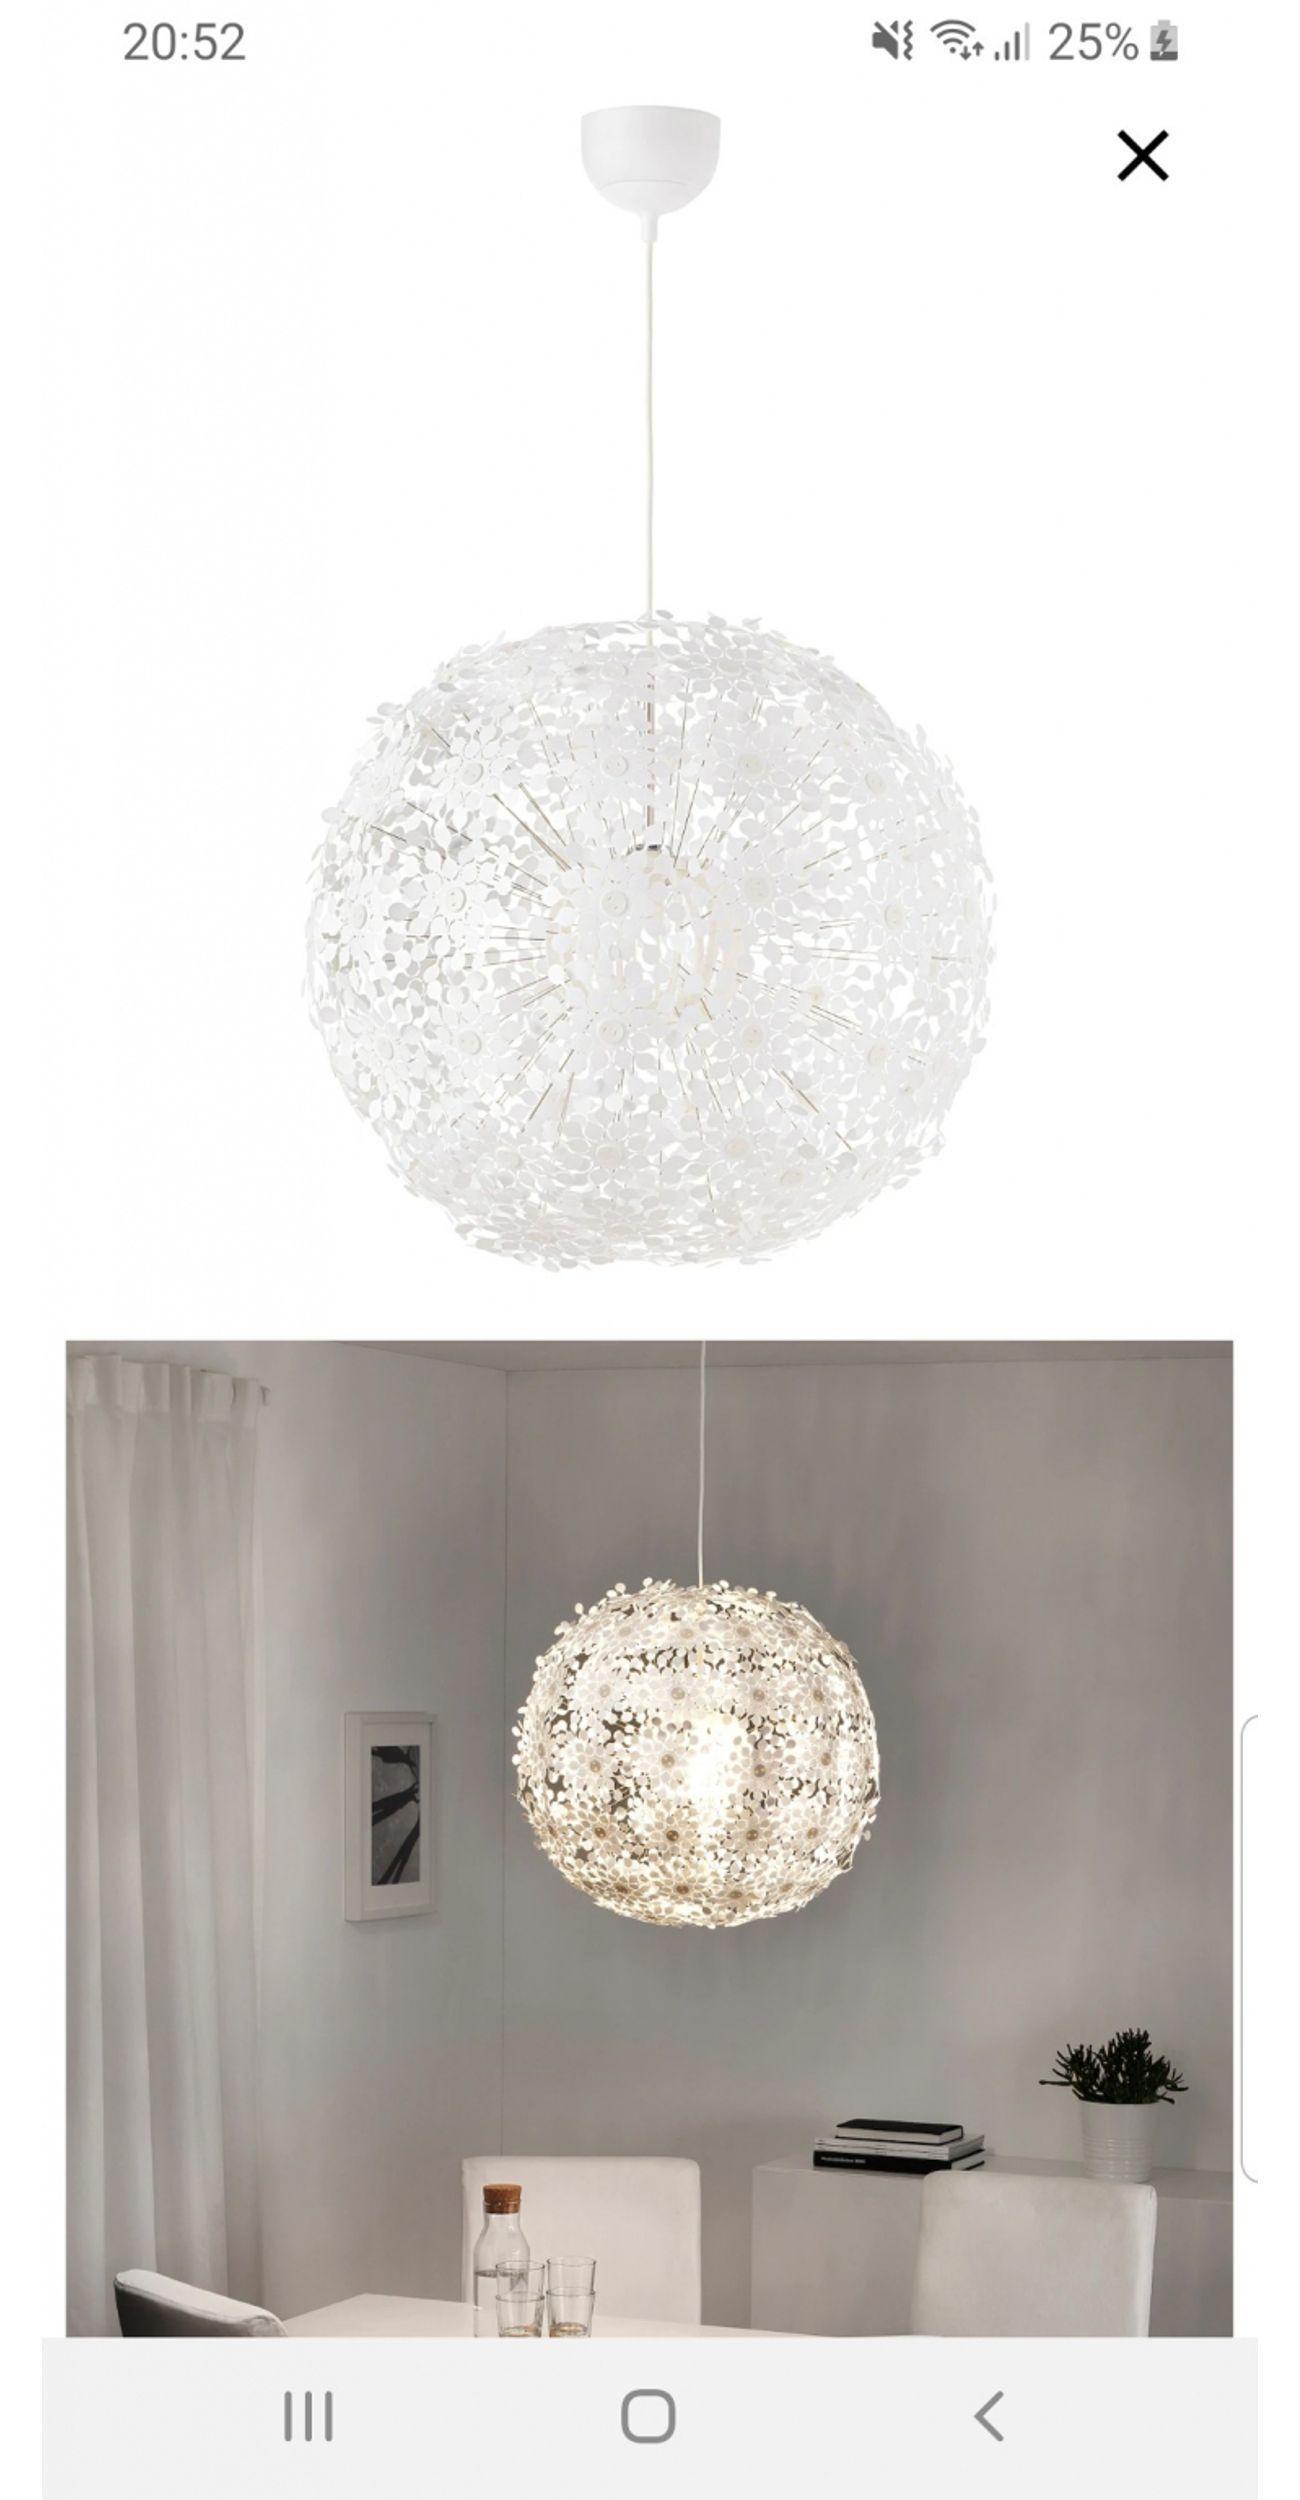 Ikea Schlafzimmer Lampe